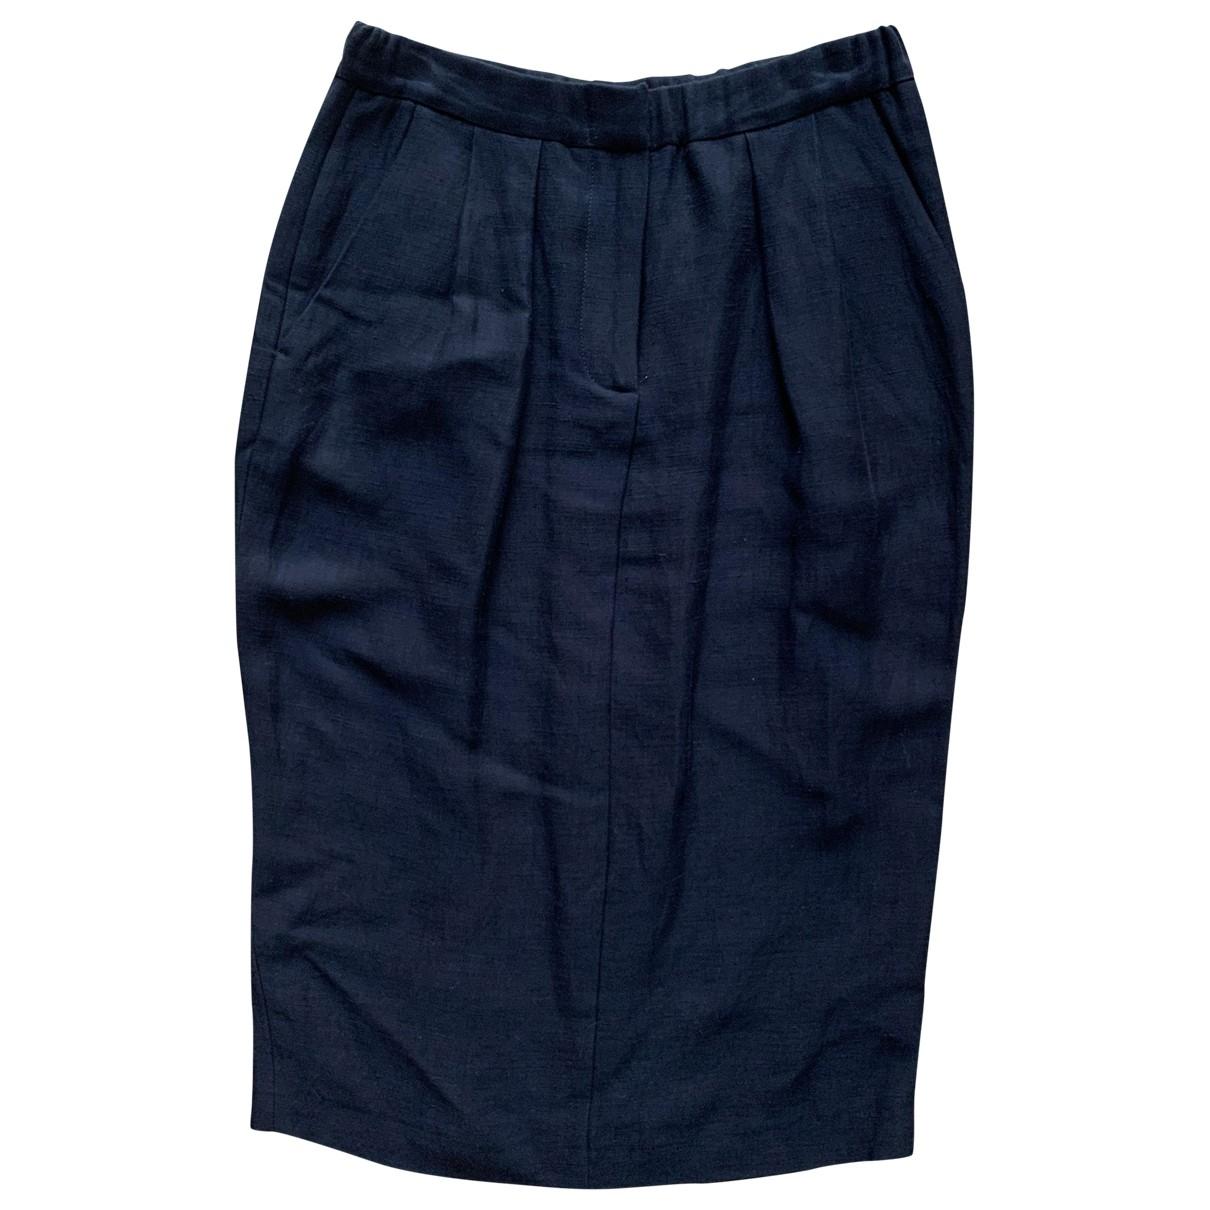 Pomandère \N Black Linen skirt for Women M International